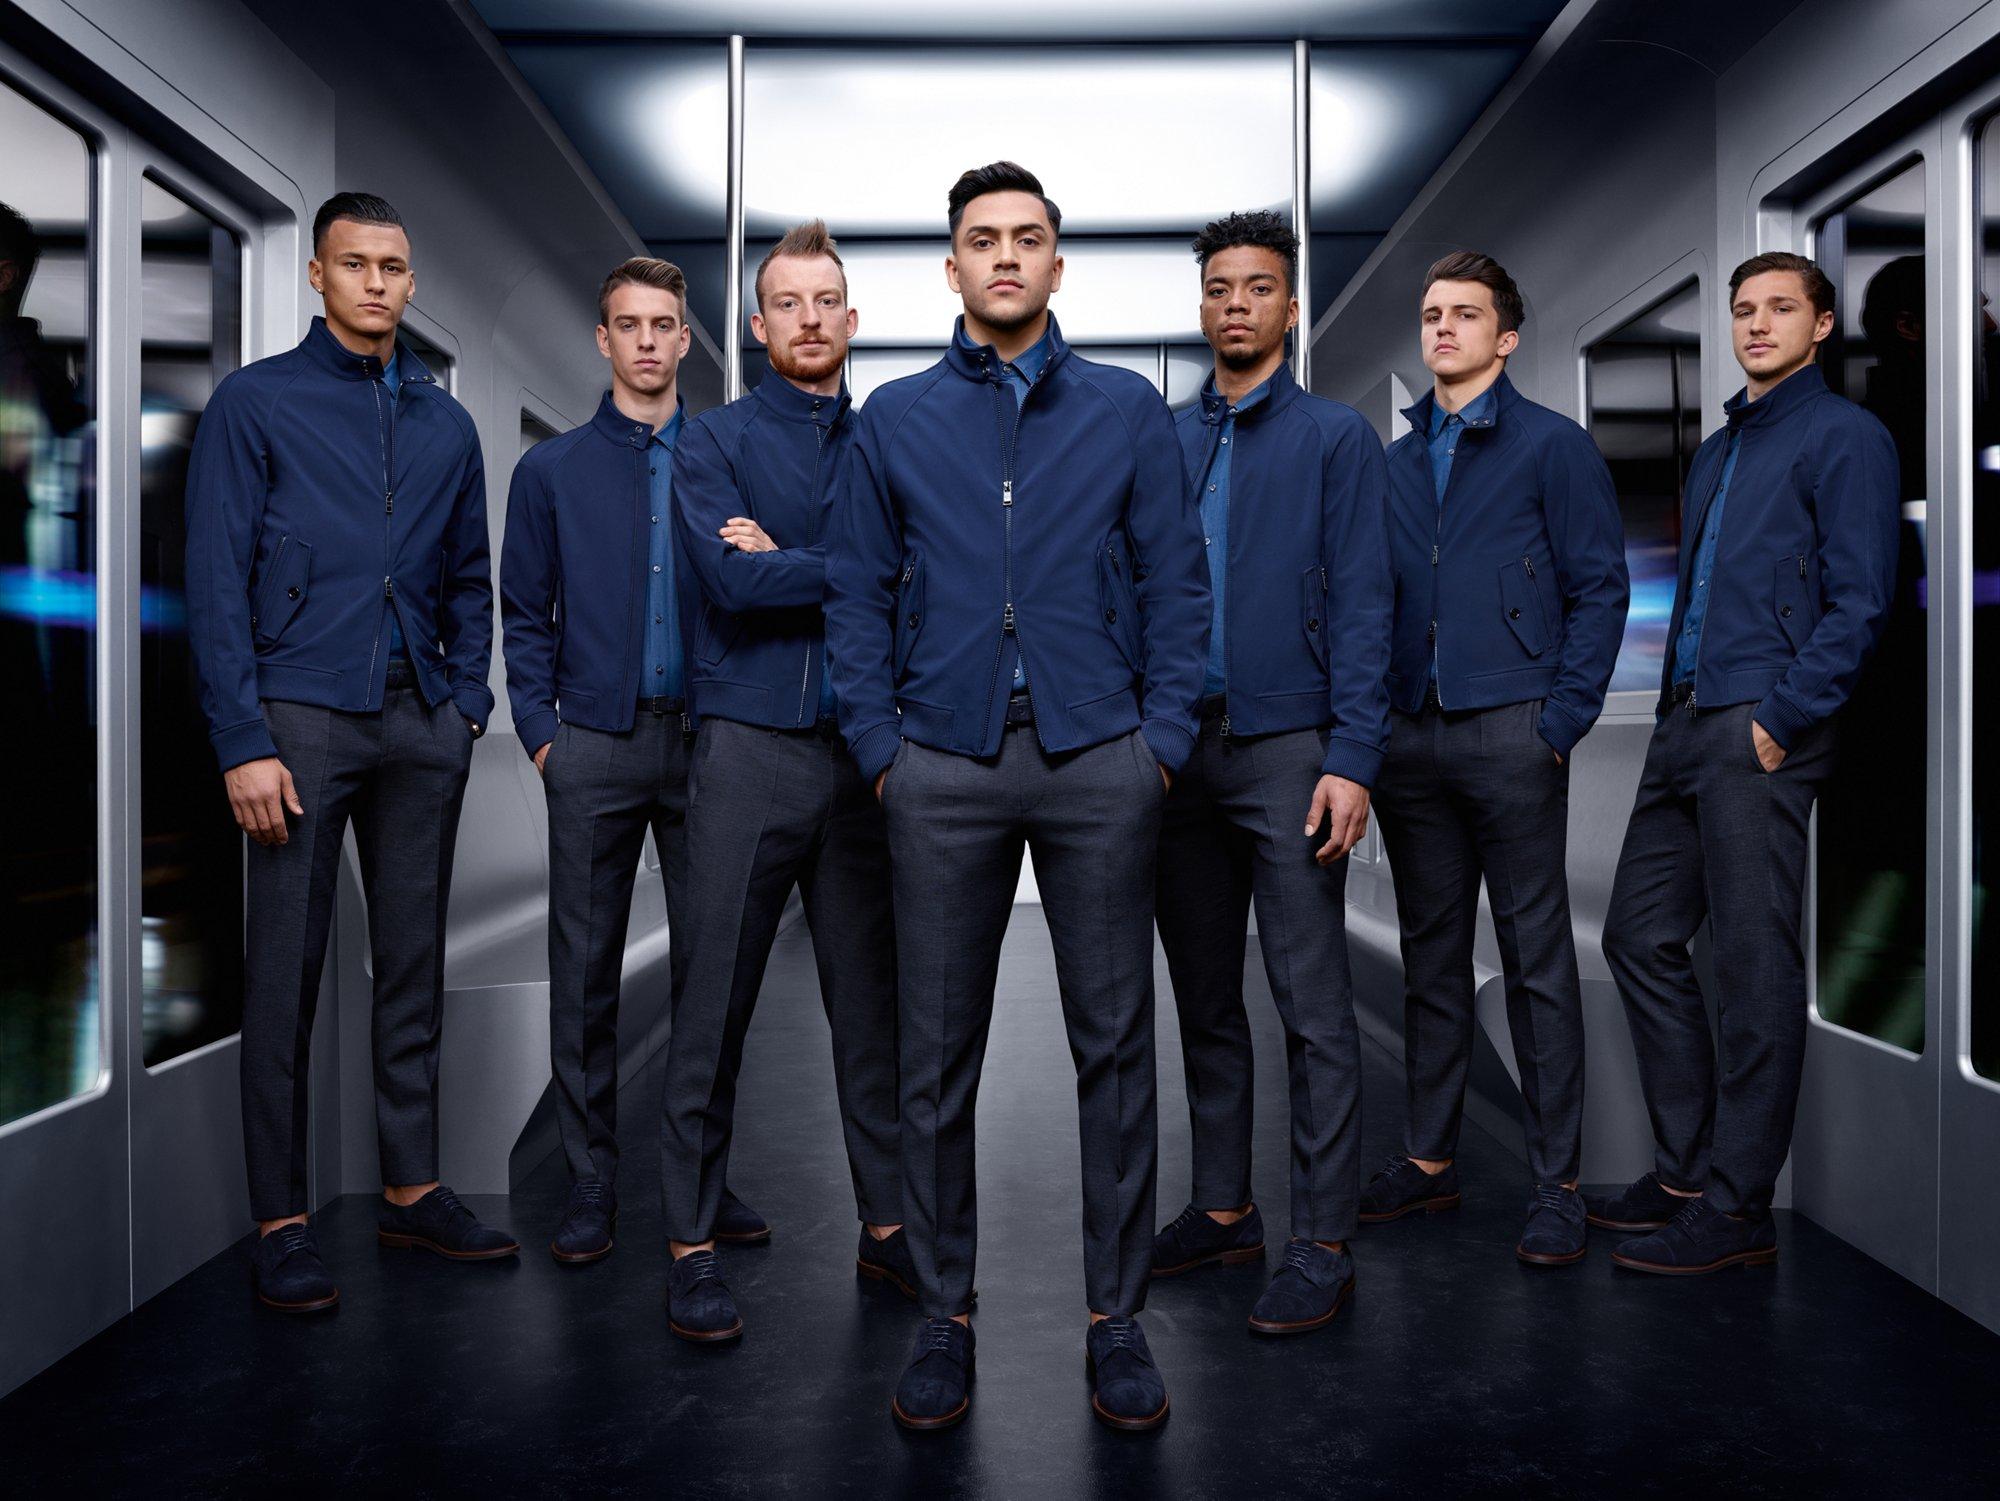 德国国家足球队官方服装合作伙伴